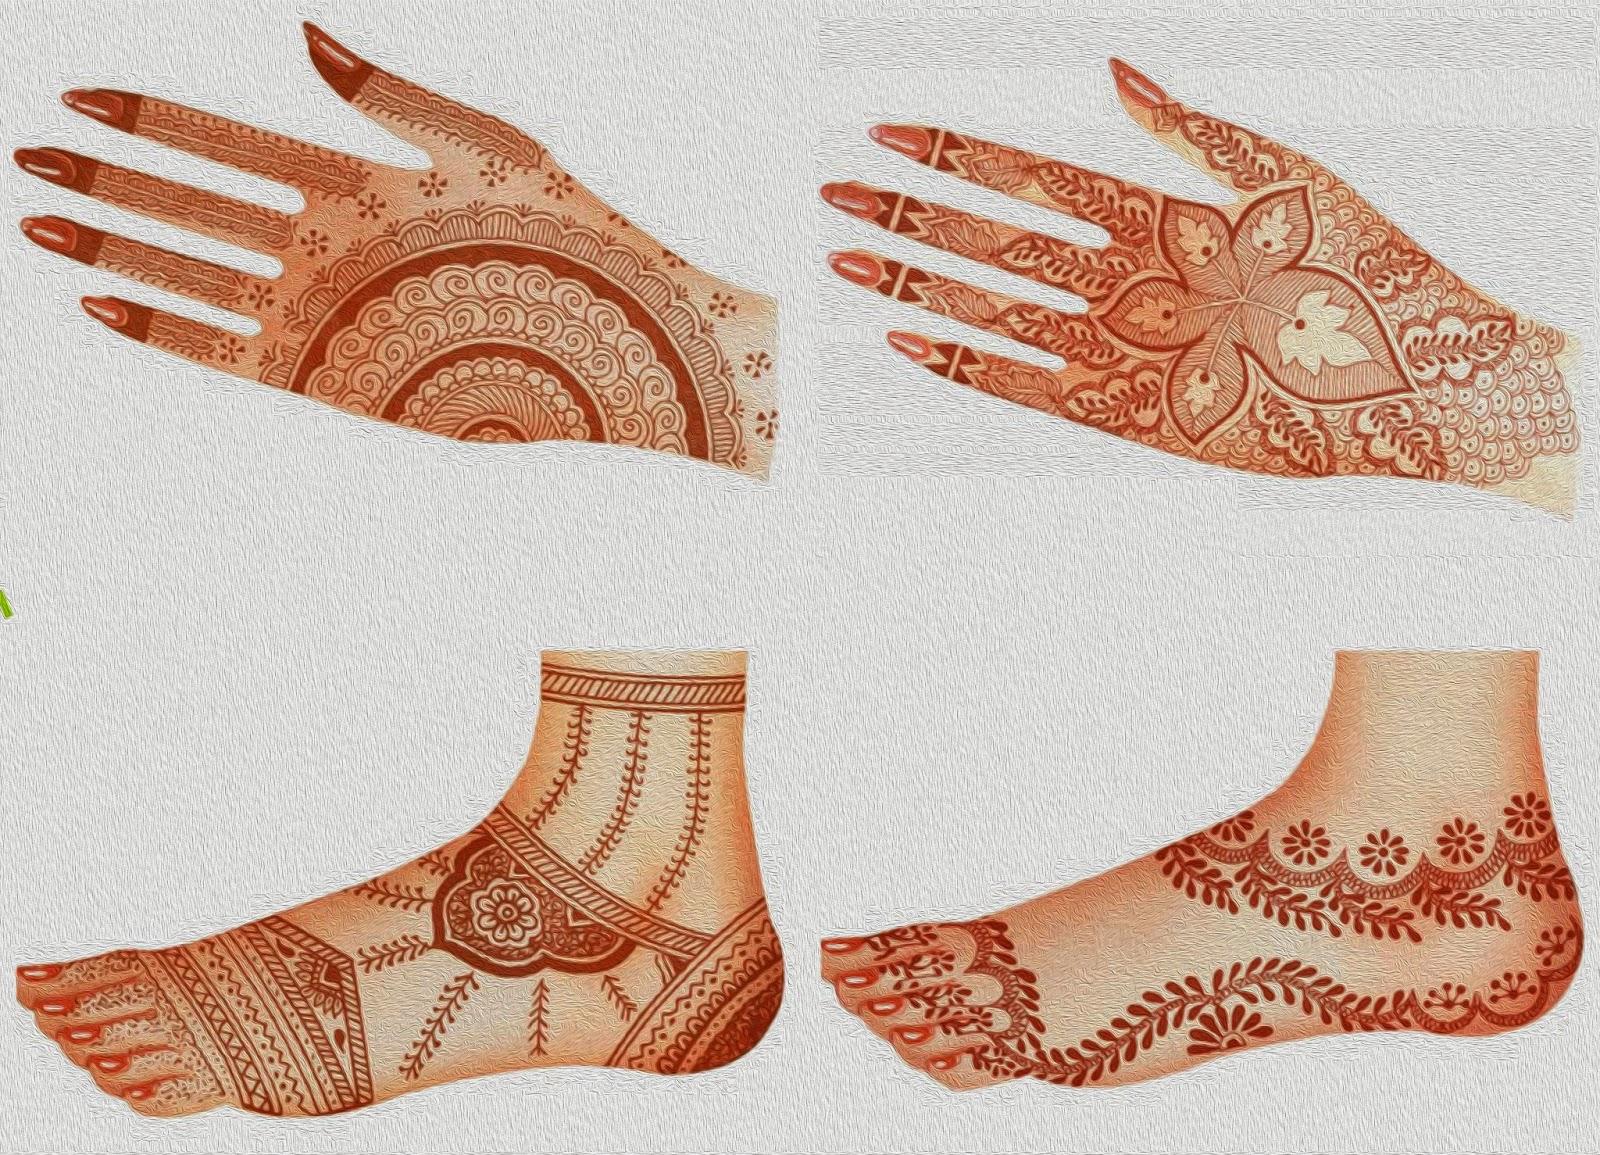 Mehndi-Design-HD-Wallpaper-Widescreen